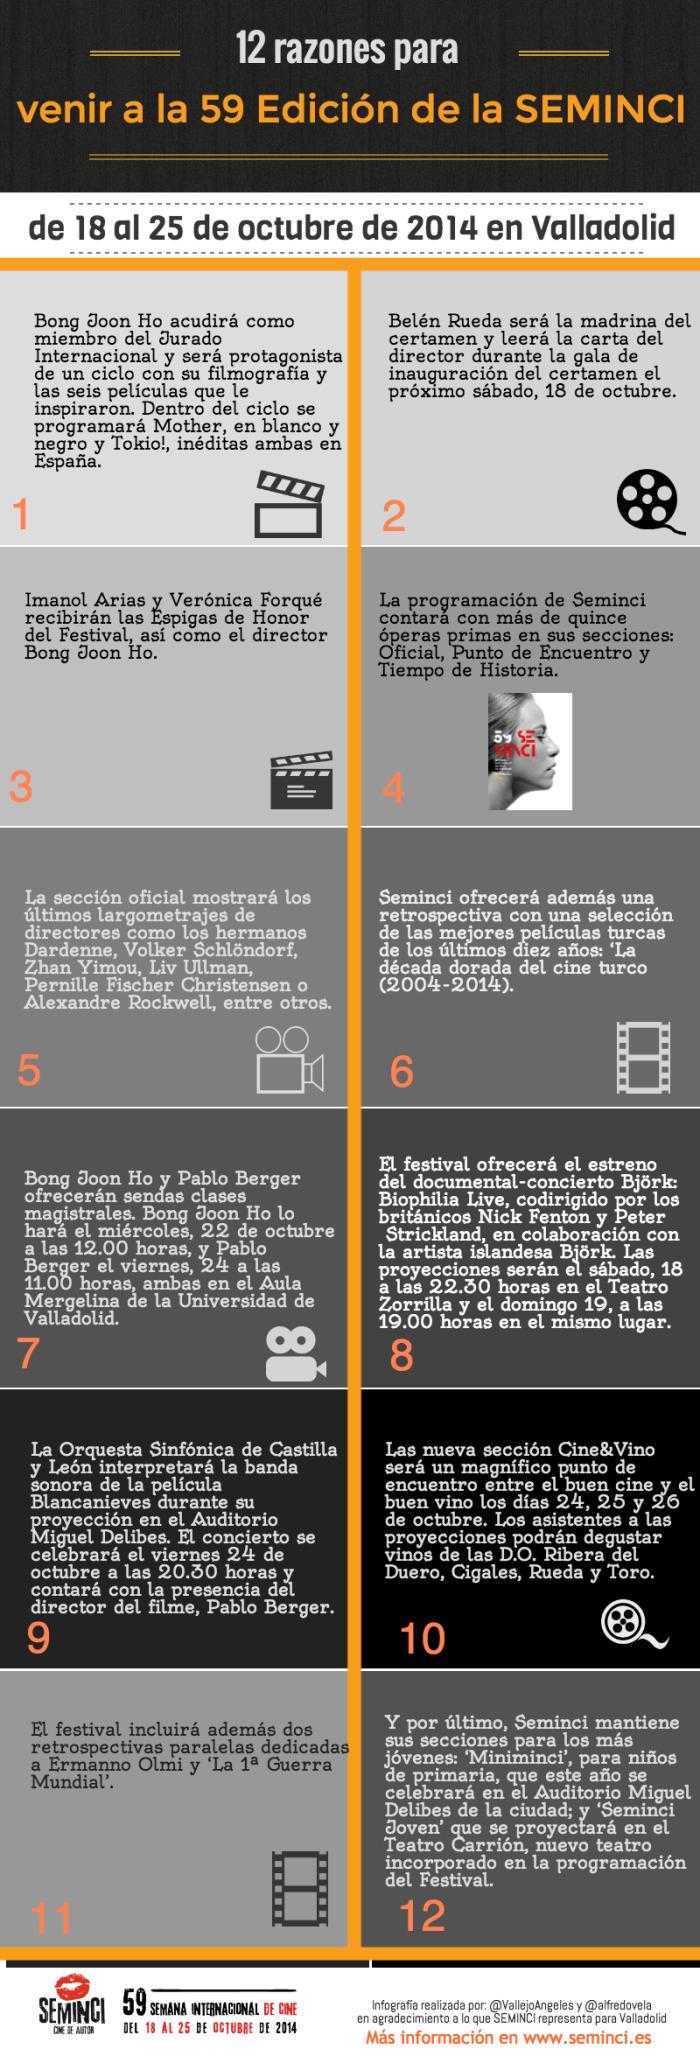 12 razones para que vengas a la #SEMINCI